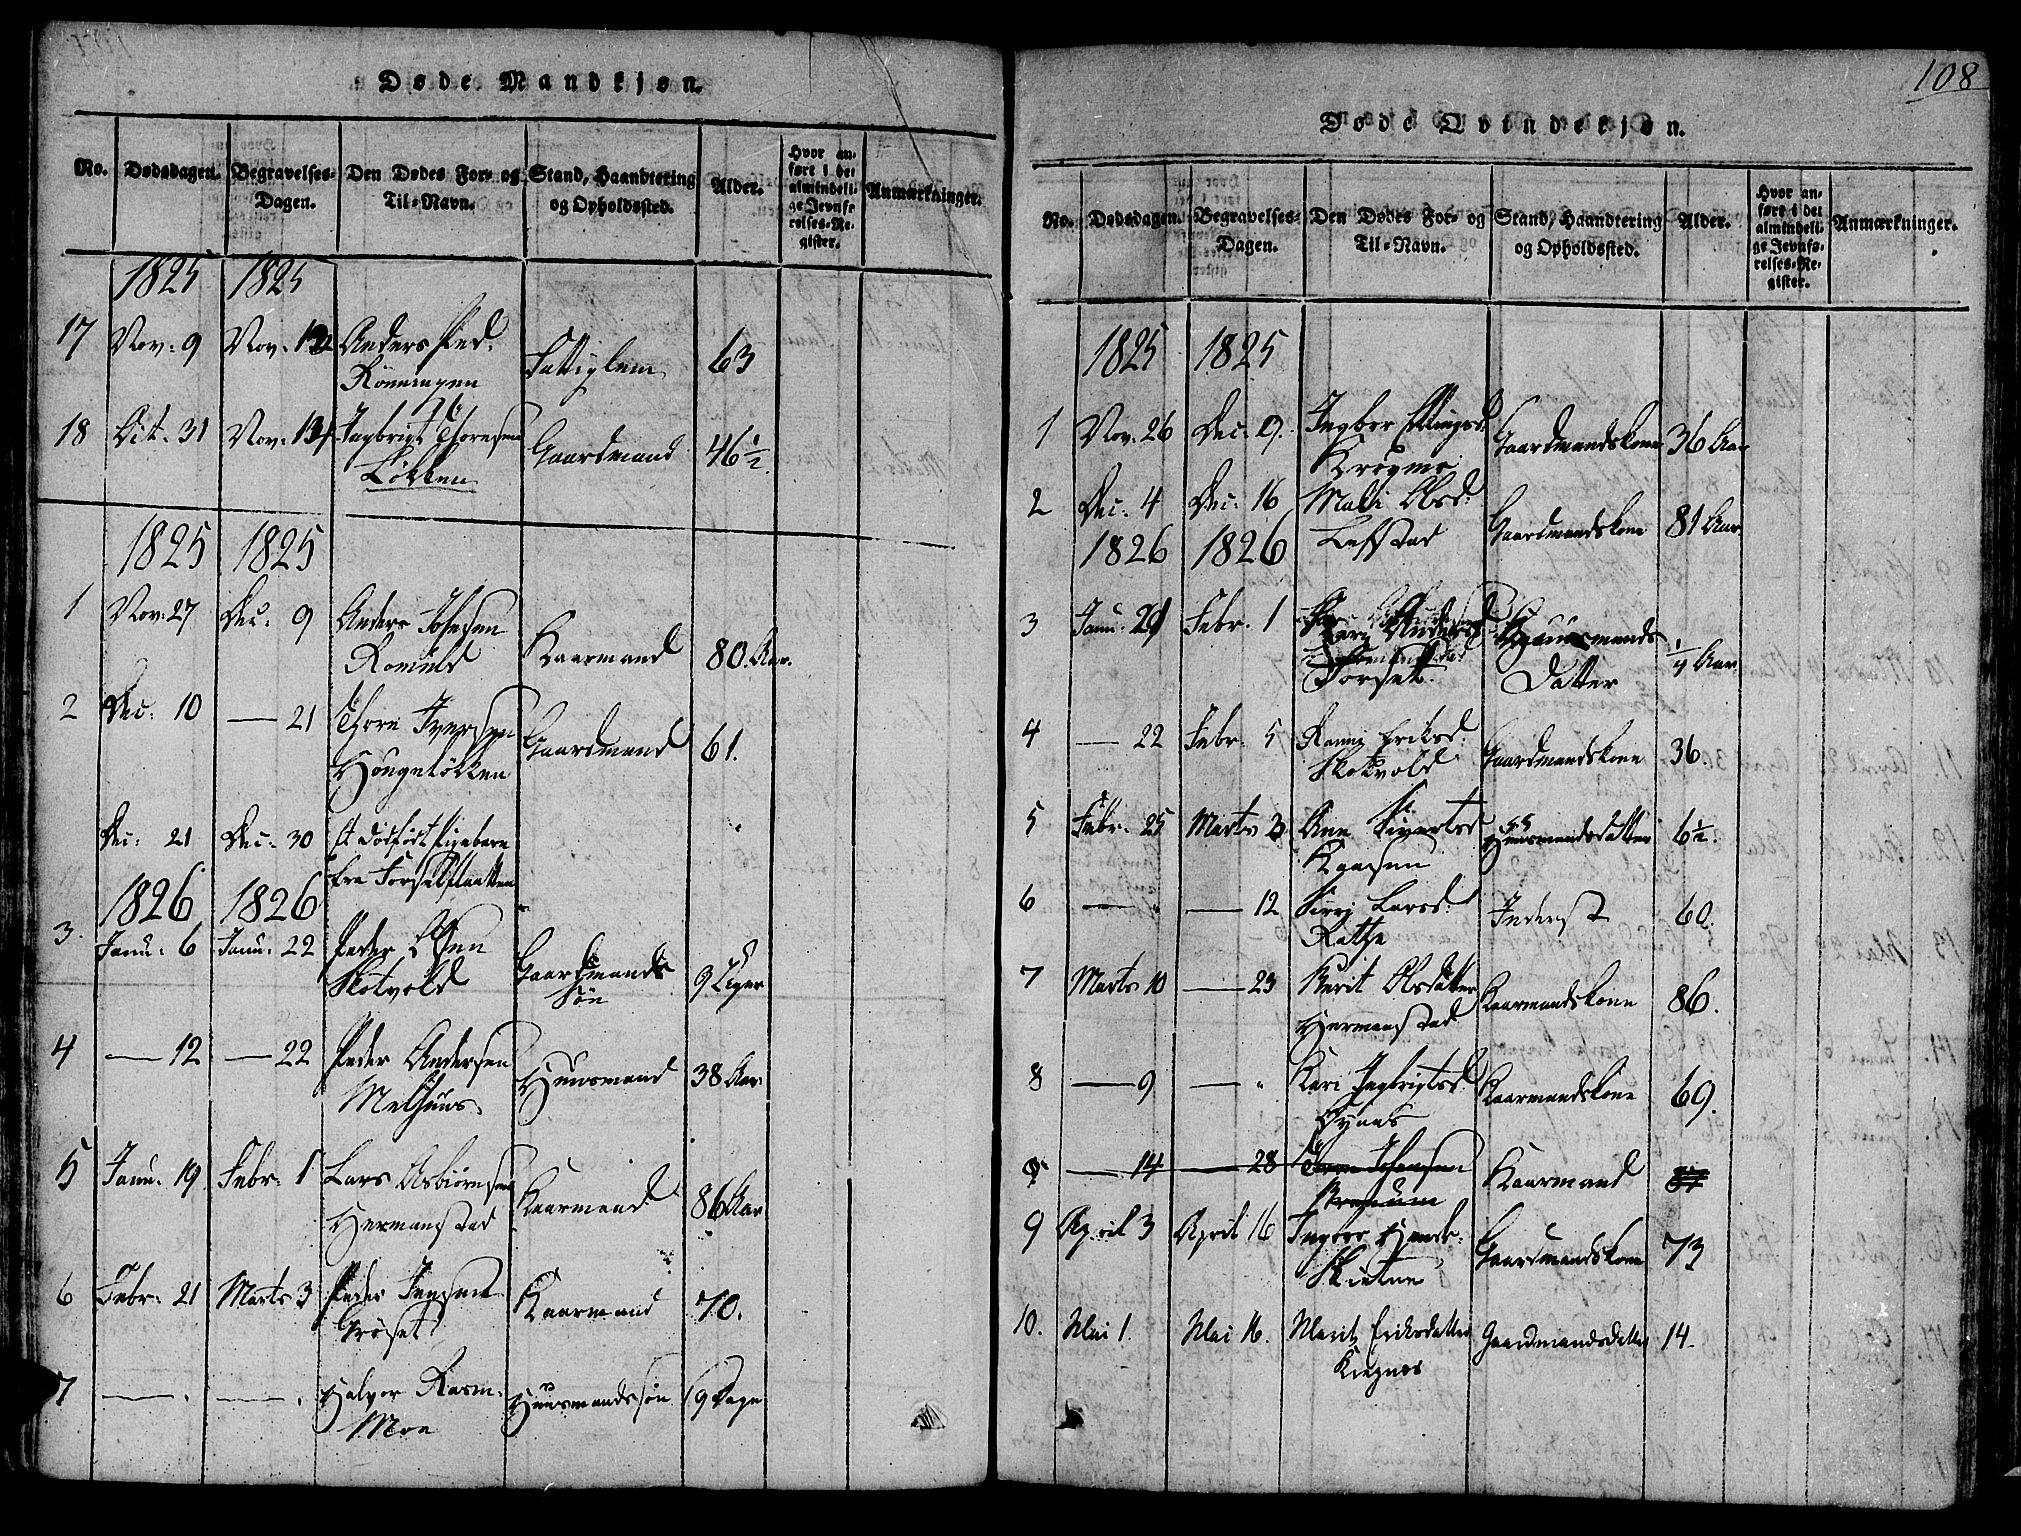 SAT, Ministerialprotokoller, klokkerbøker og fødselsregistre - Sør-Trøndelag, 691/L1065: Ministerialbok nr. 691A03 /1, 1816-1826, s. 108